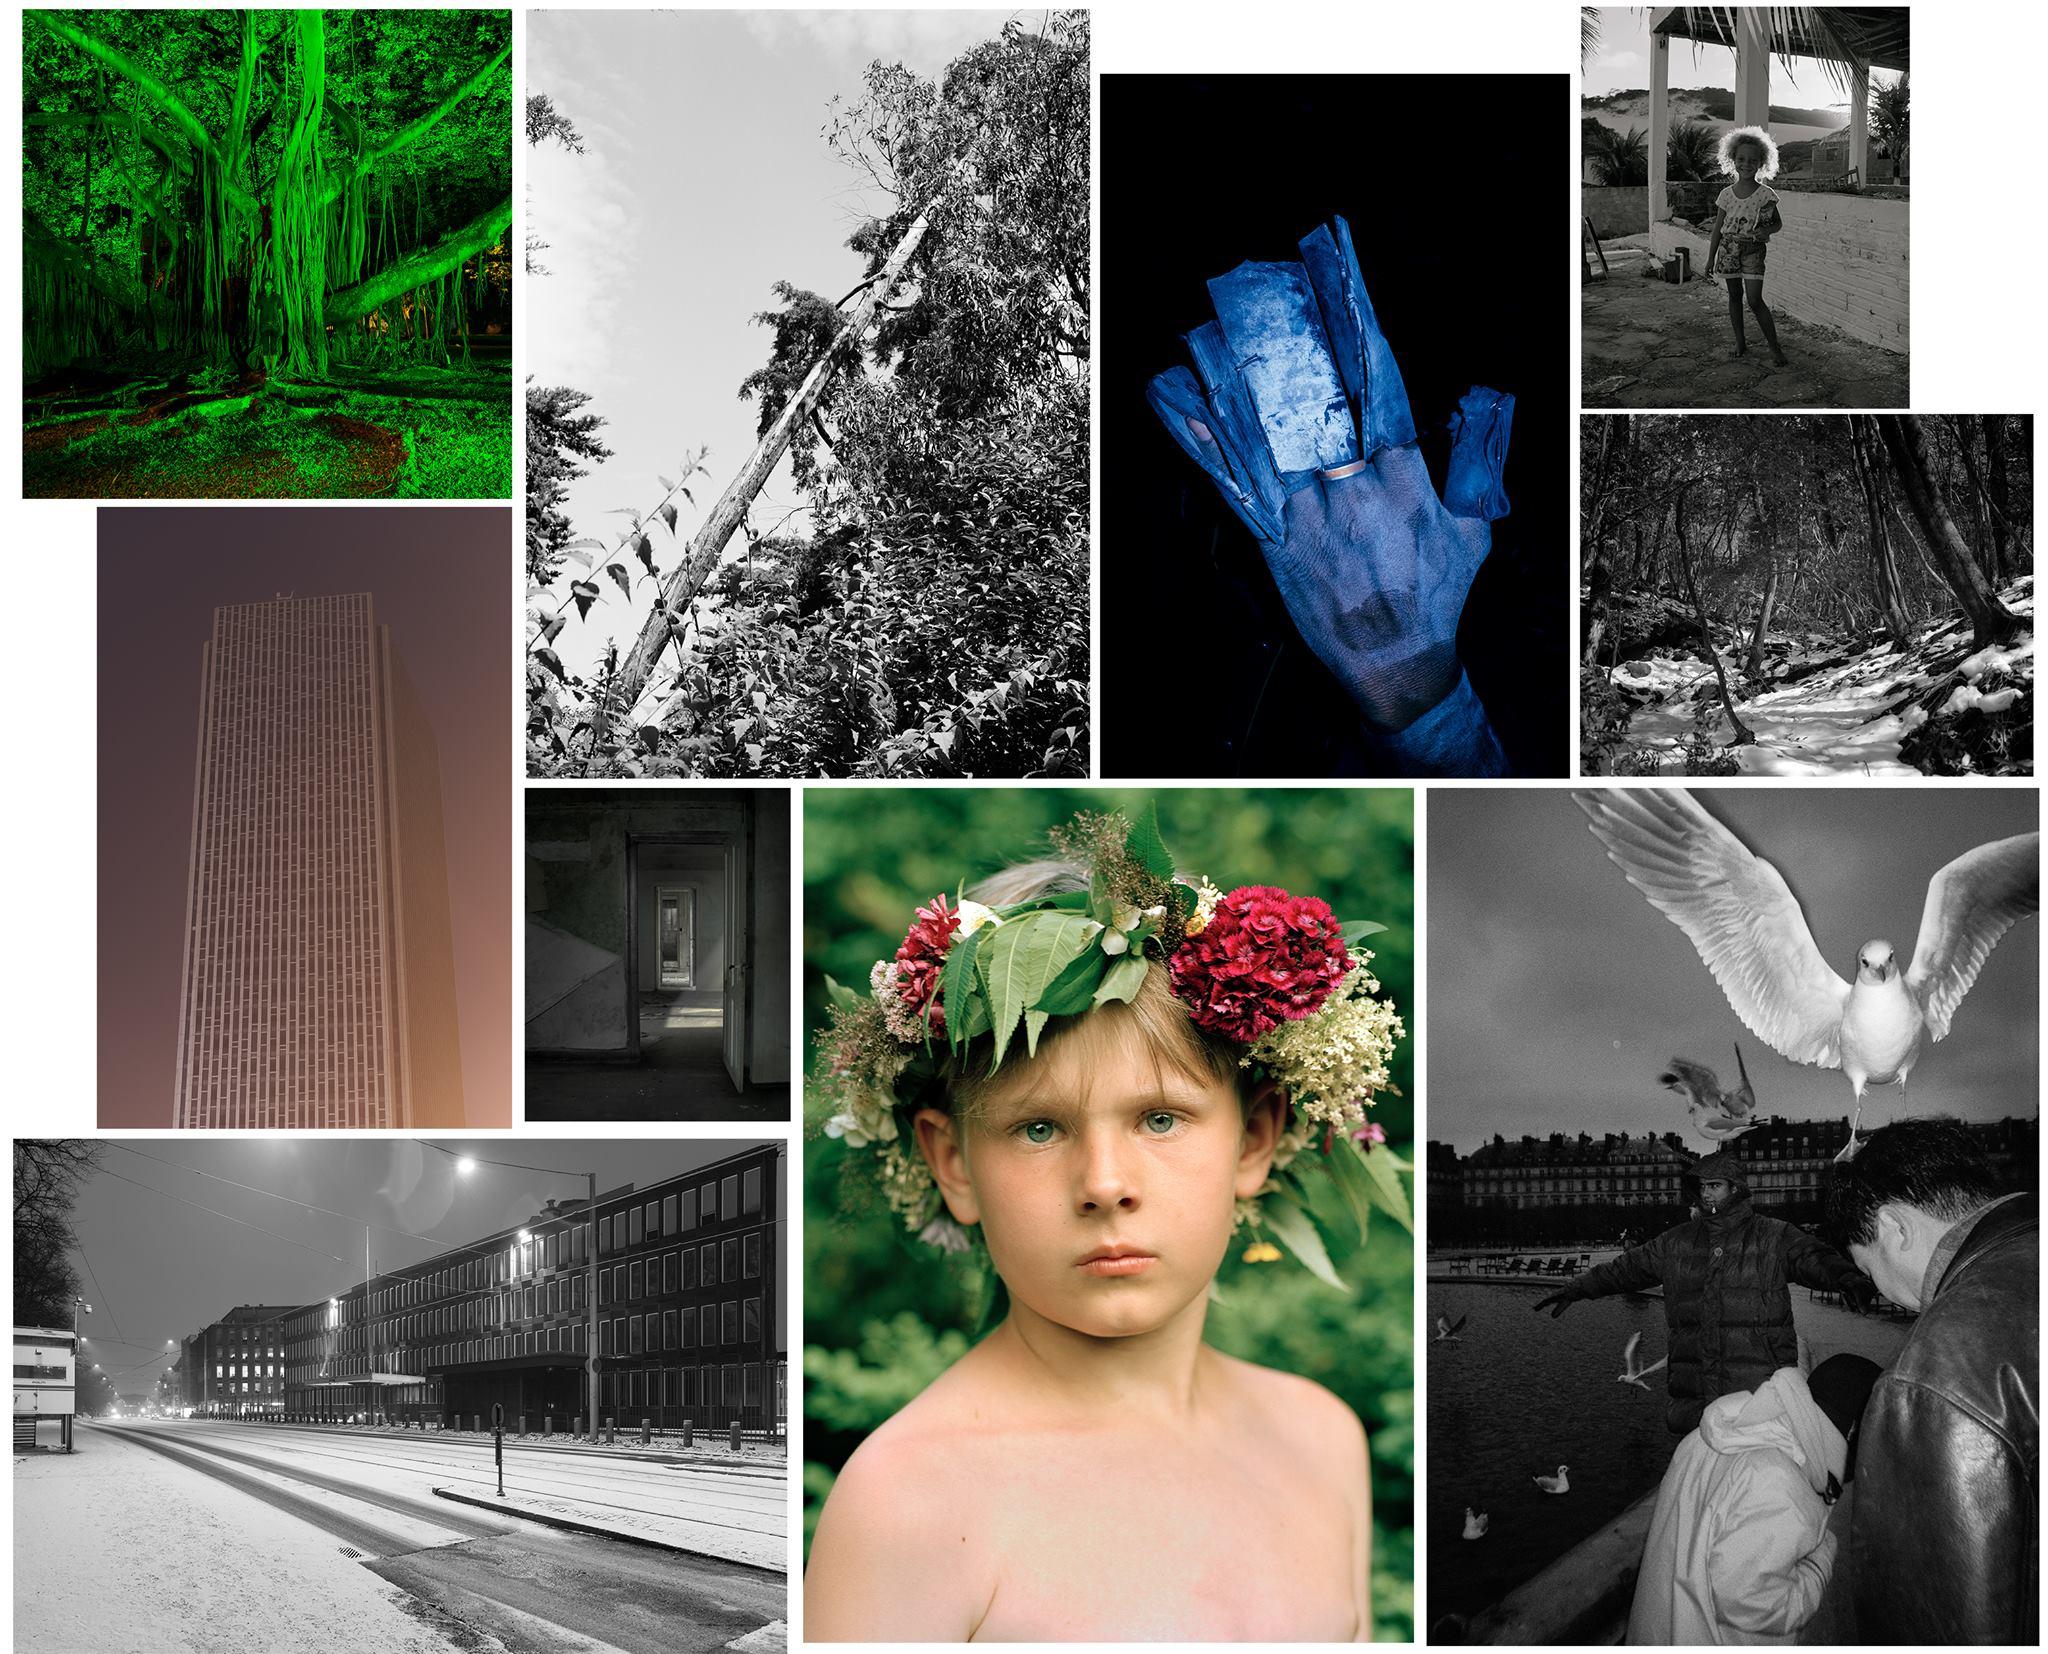 Arrangementet er en del av  Oslo Kulturnatt og er støttet av Oslo Kommune.